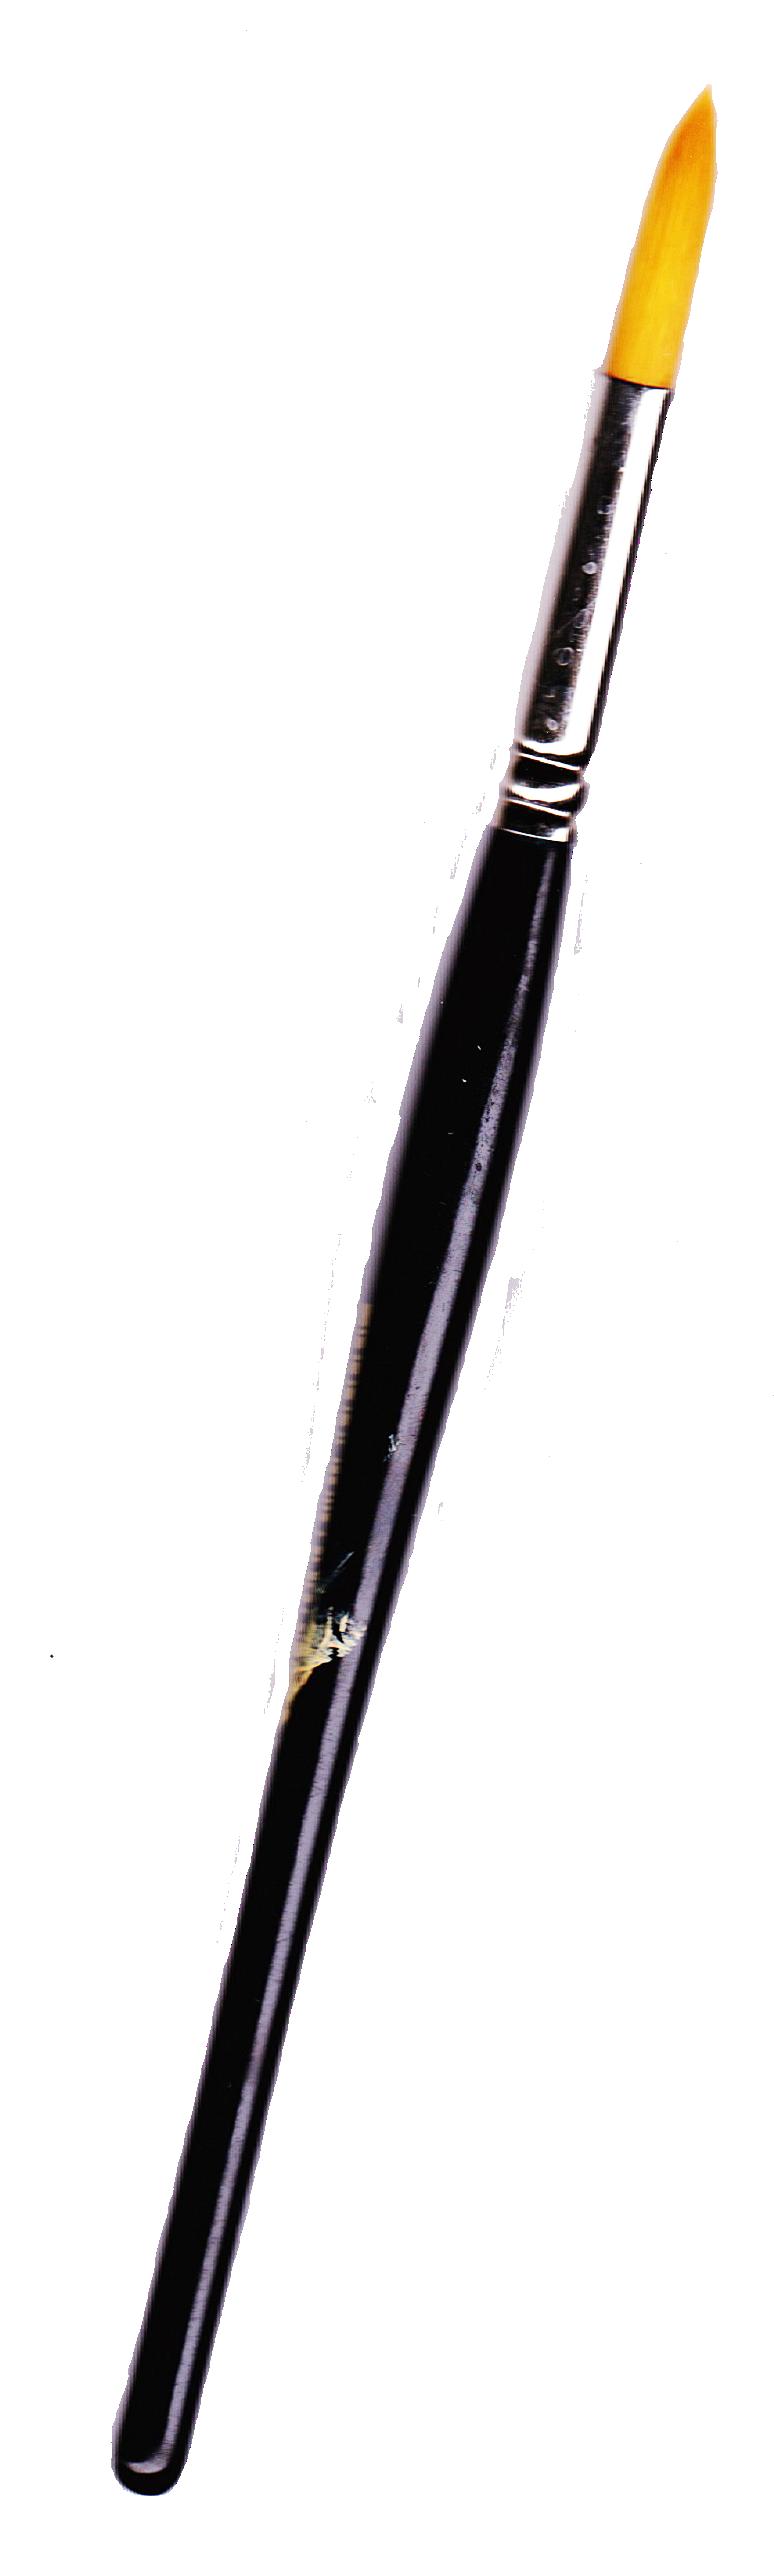 brush PNG image